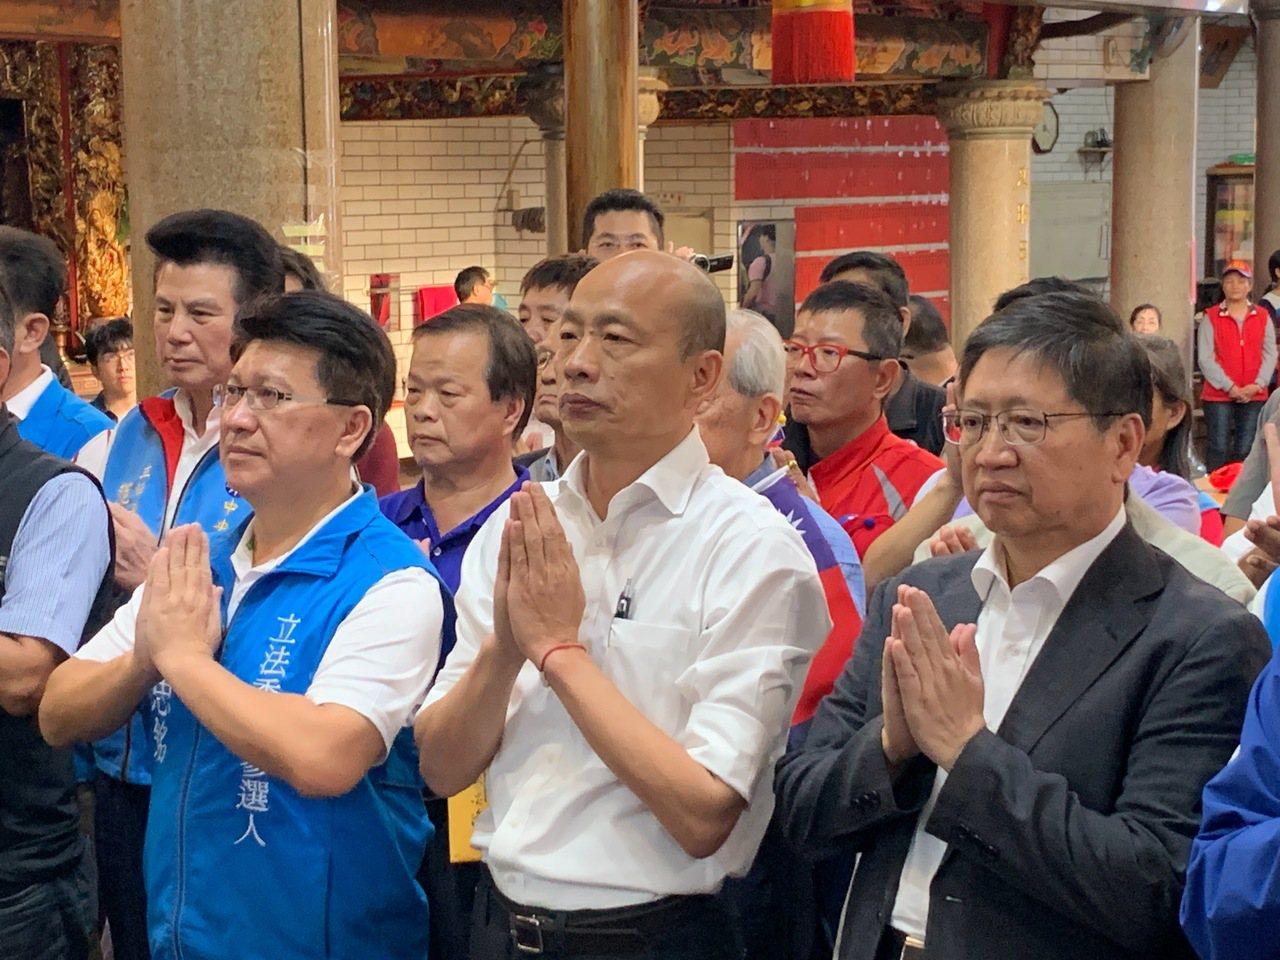 韓國瑜今天下午到新竹縣峨眉鄉隆盛宮參拜。記者陳斯穎/攝影